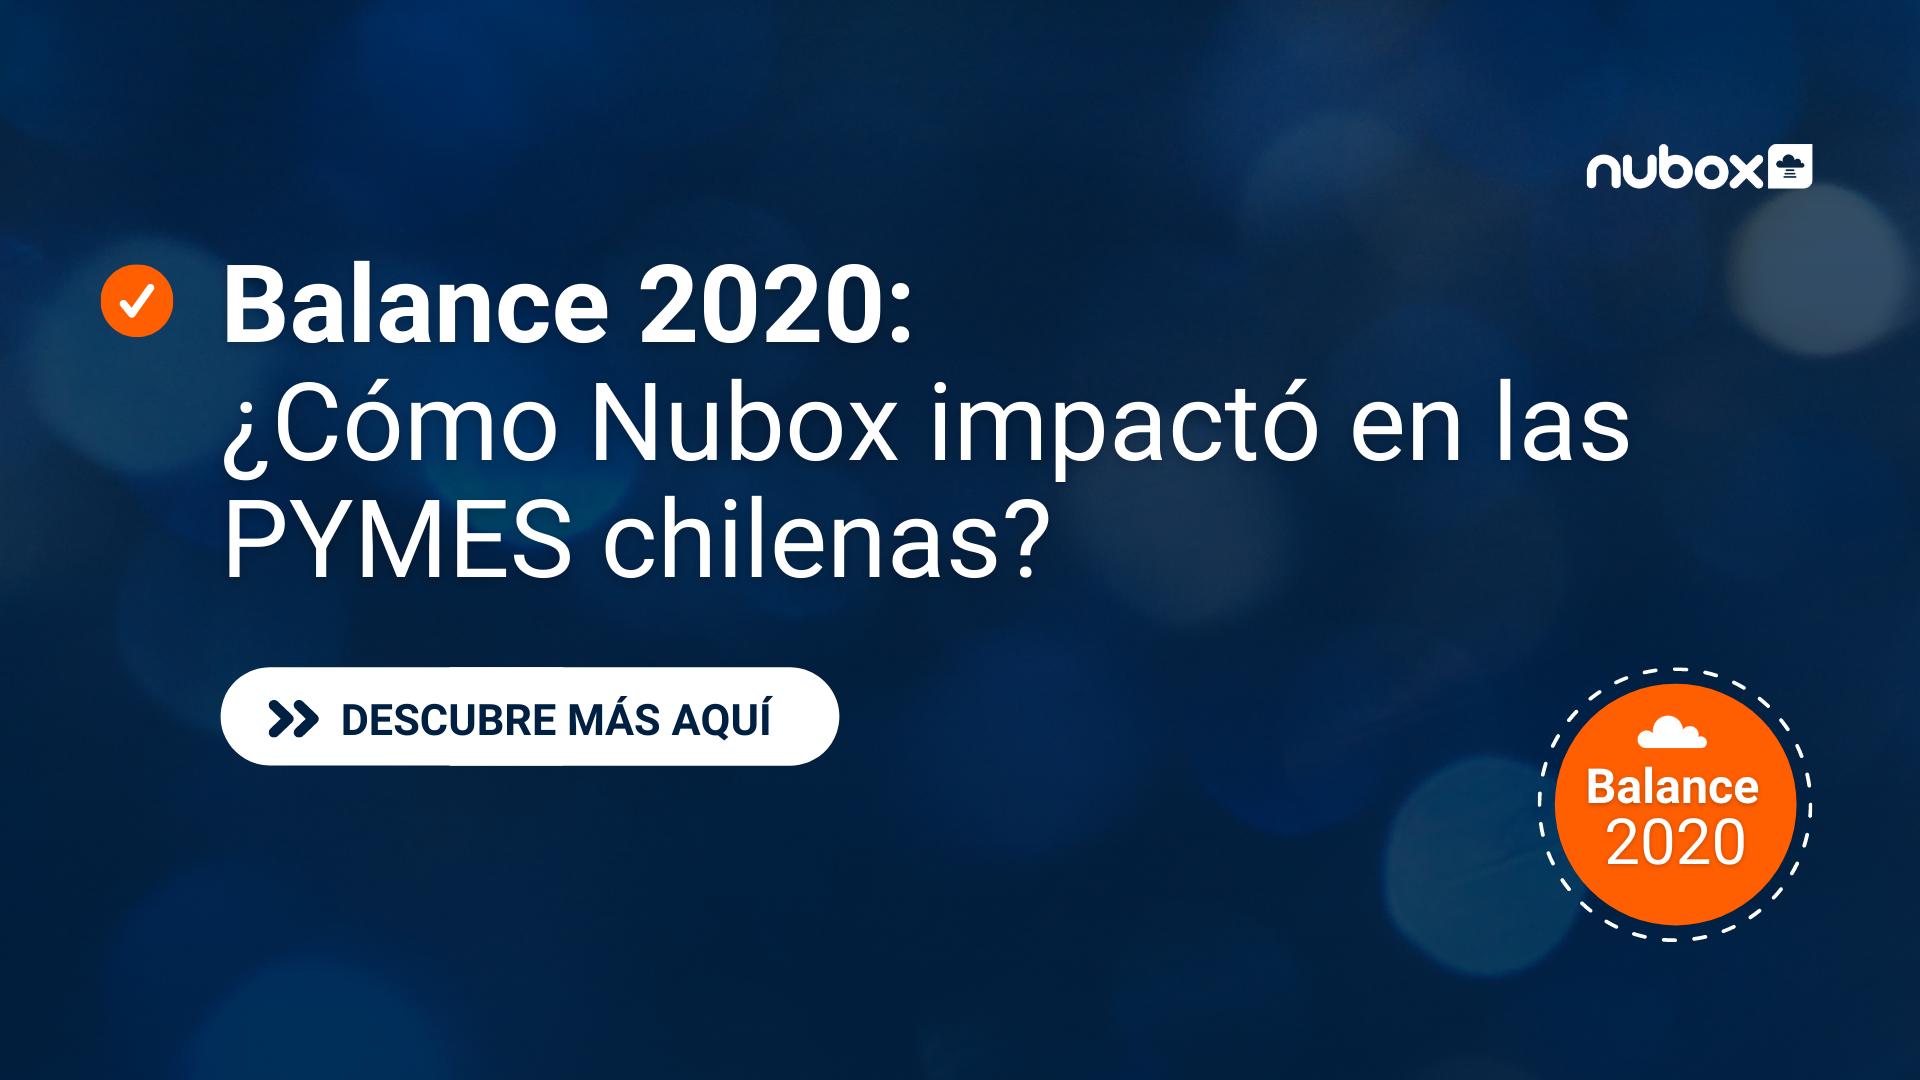 Balance 2020: Así impactó Nubox en las Pymes